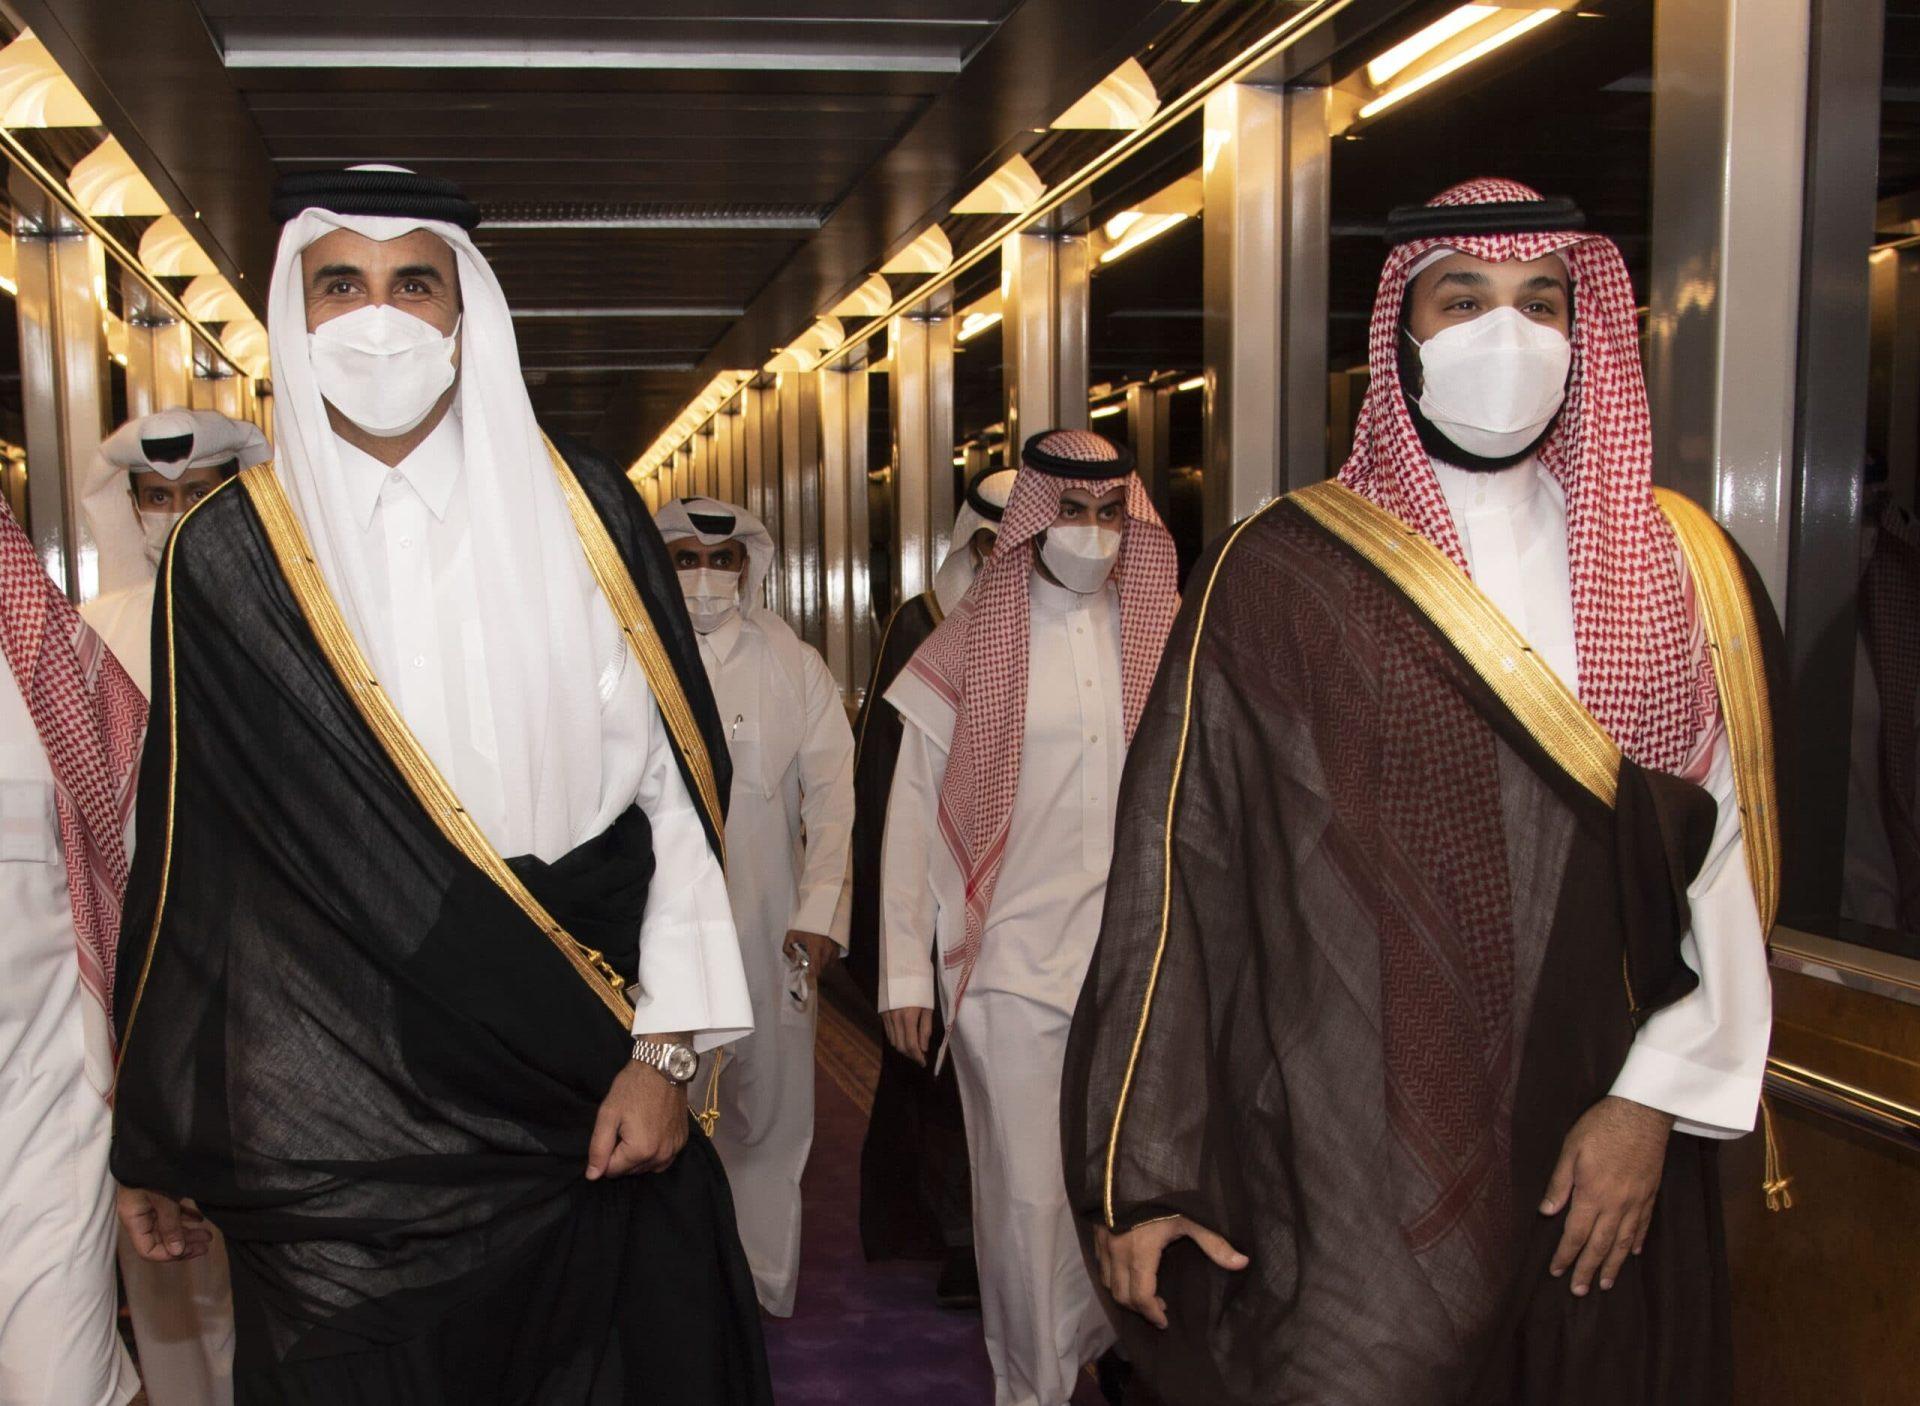 بوادر انفراجة دبلوماسية بين تركيا والسعودية بوساطة الامير تميم